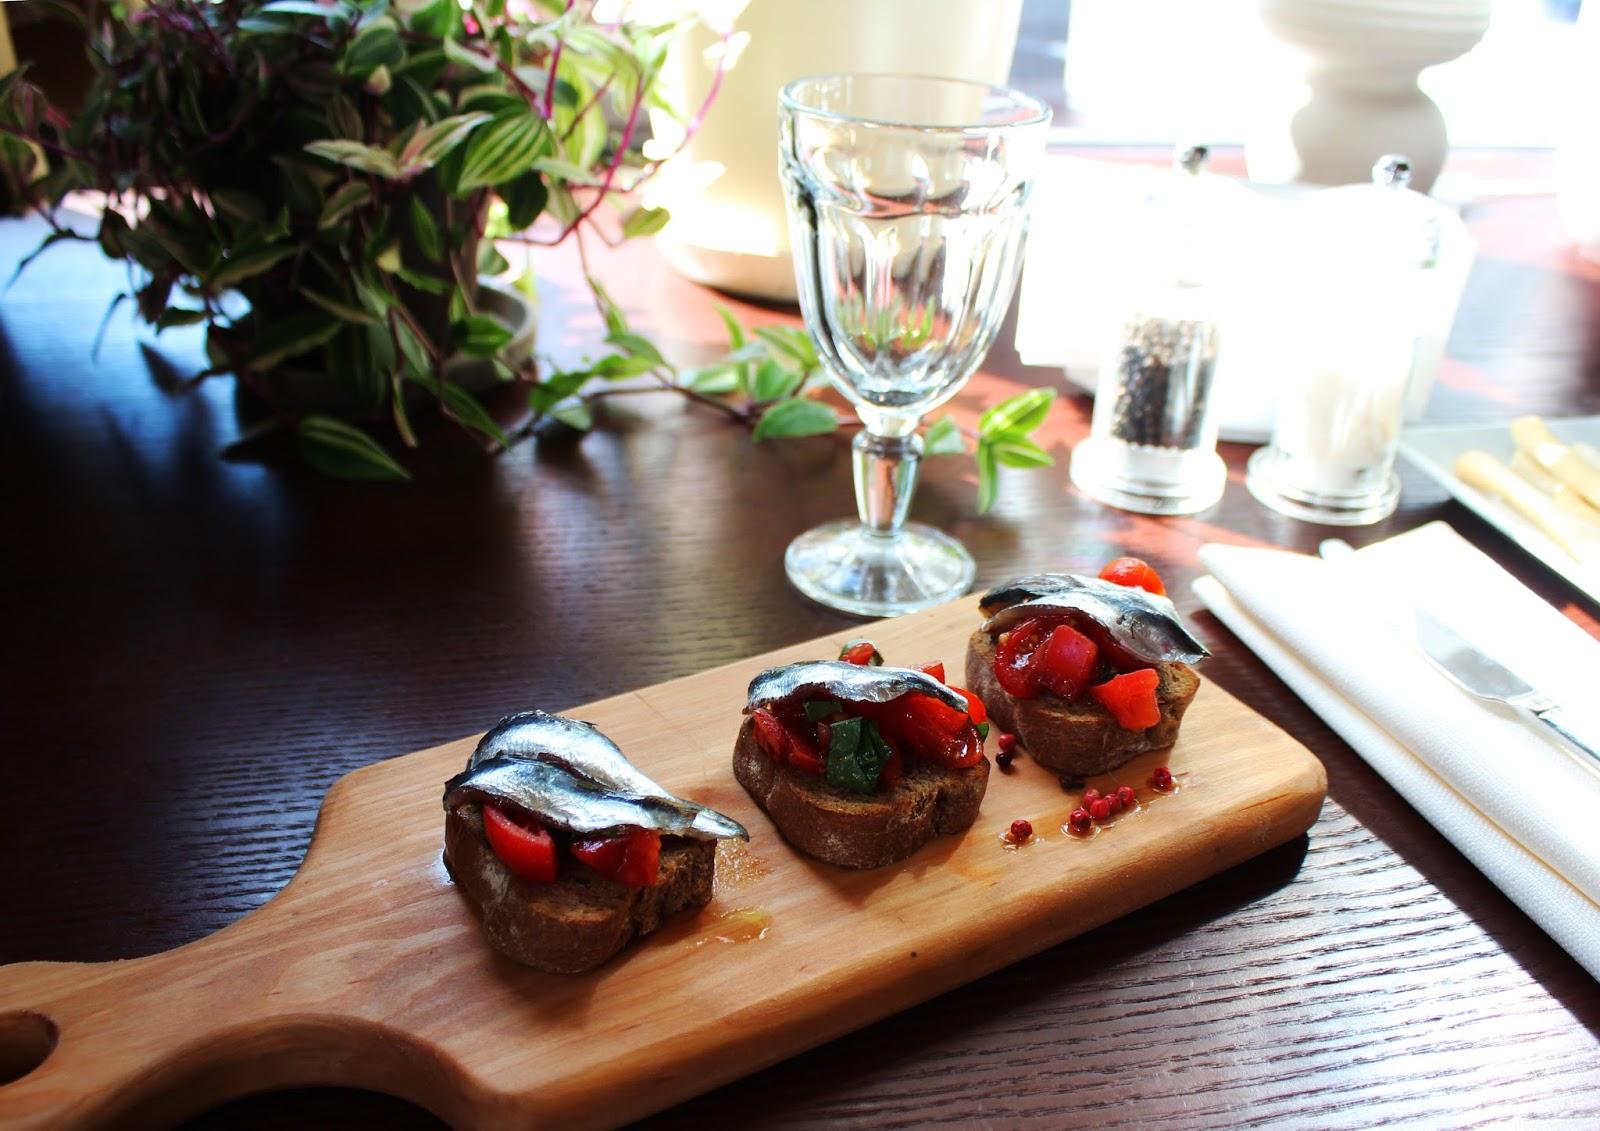 итальянский ресторан Trattoria ZUCCA, отзывы, киев, где вкусно поесть в Киеве, фуд блогер, брускетты с сардинами